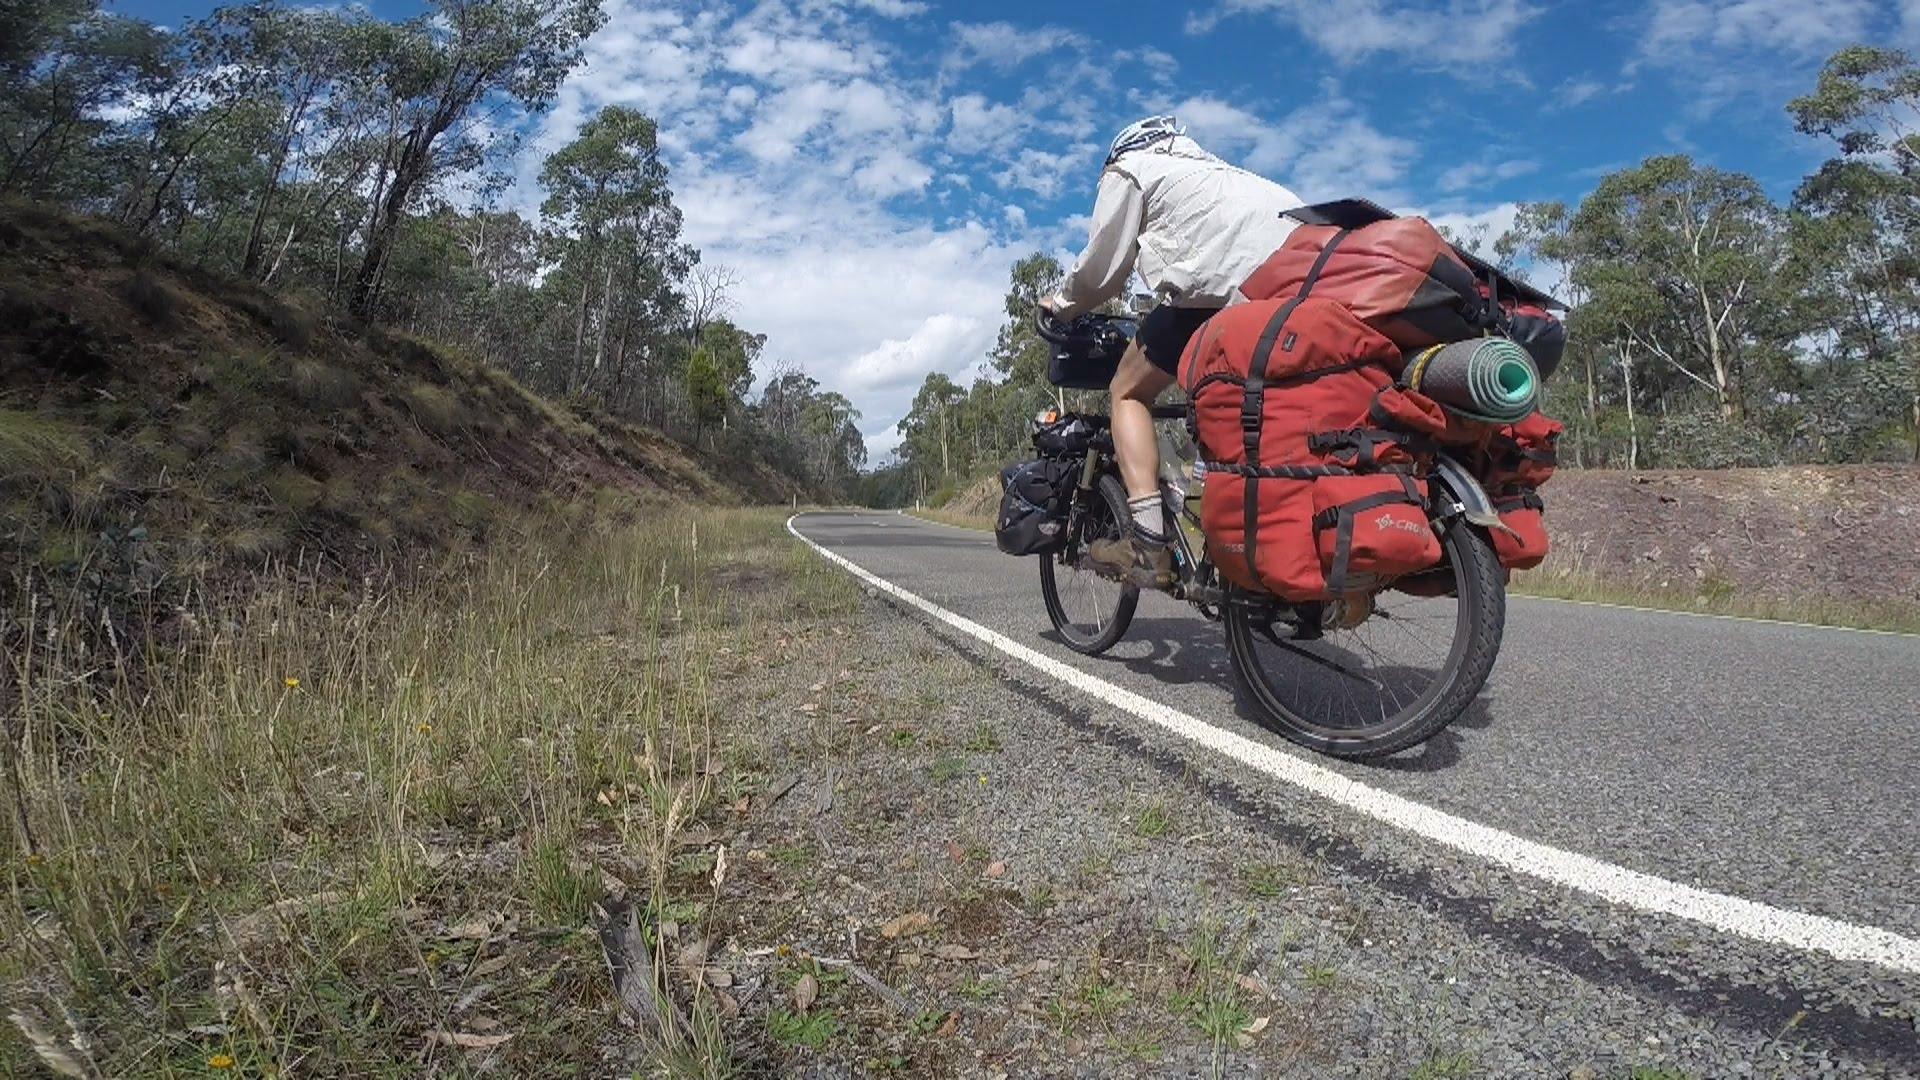 Sobrecast 35 – Viajando 4.500km de bicicleta!